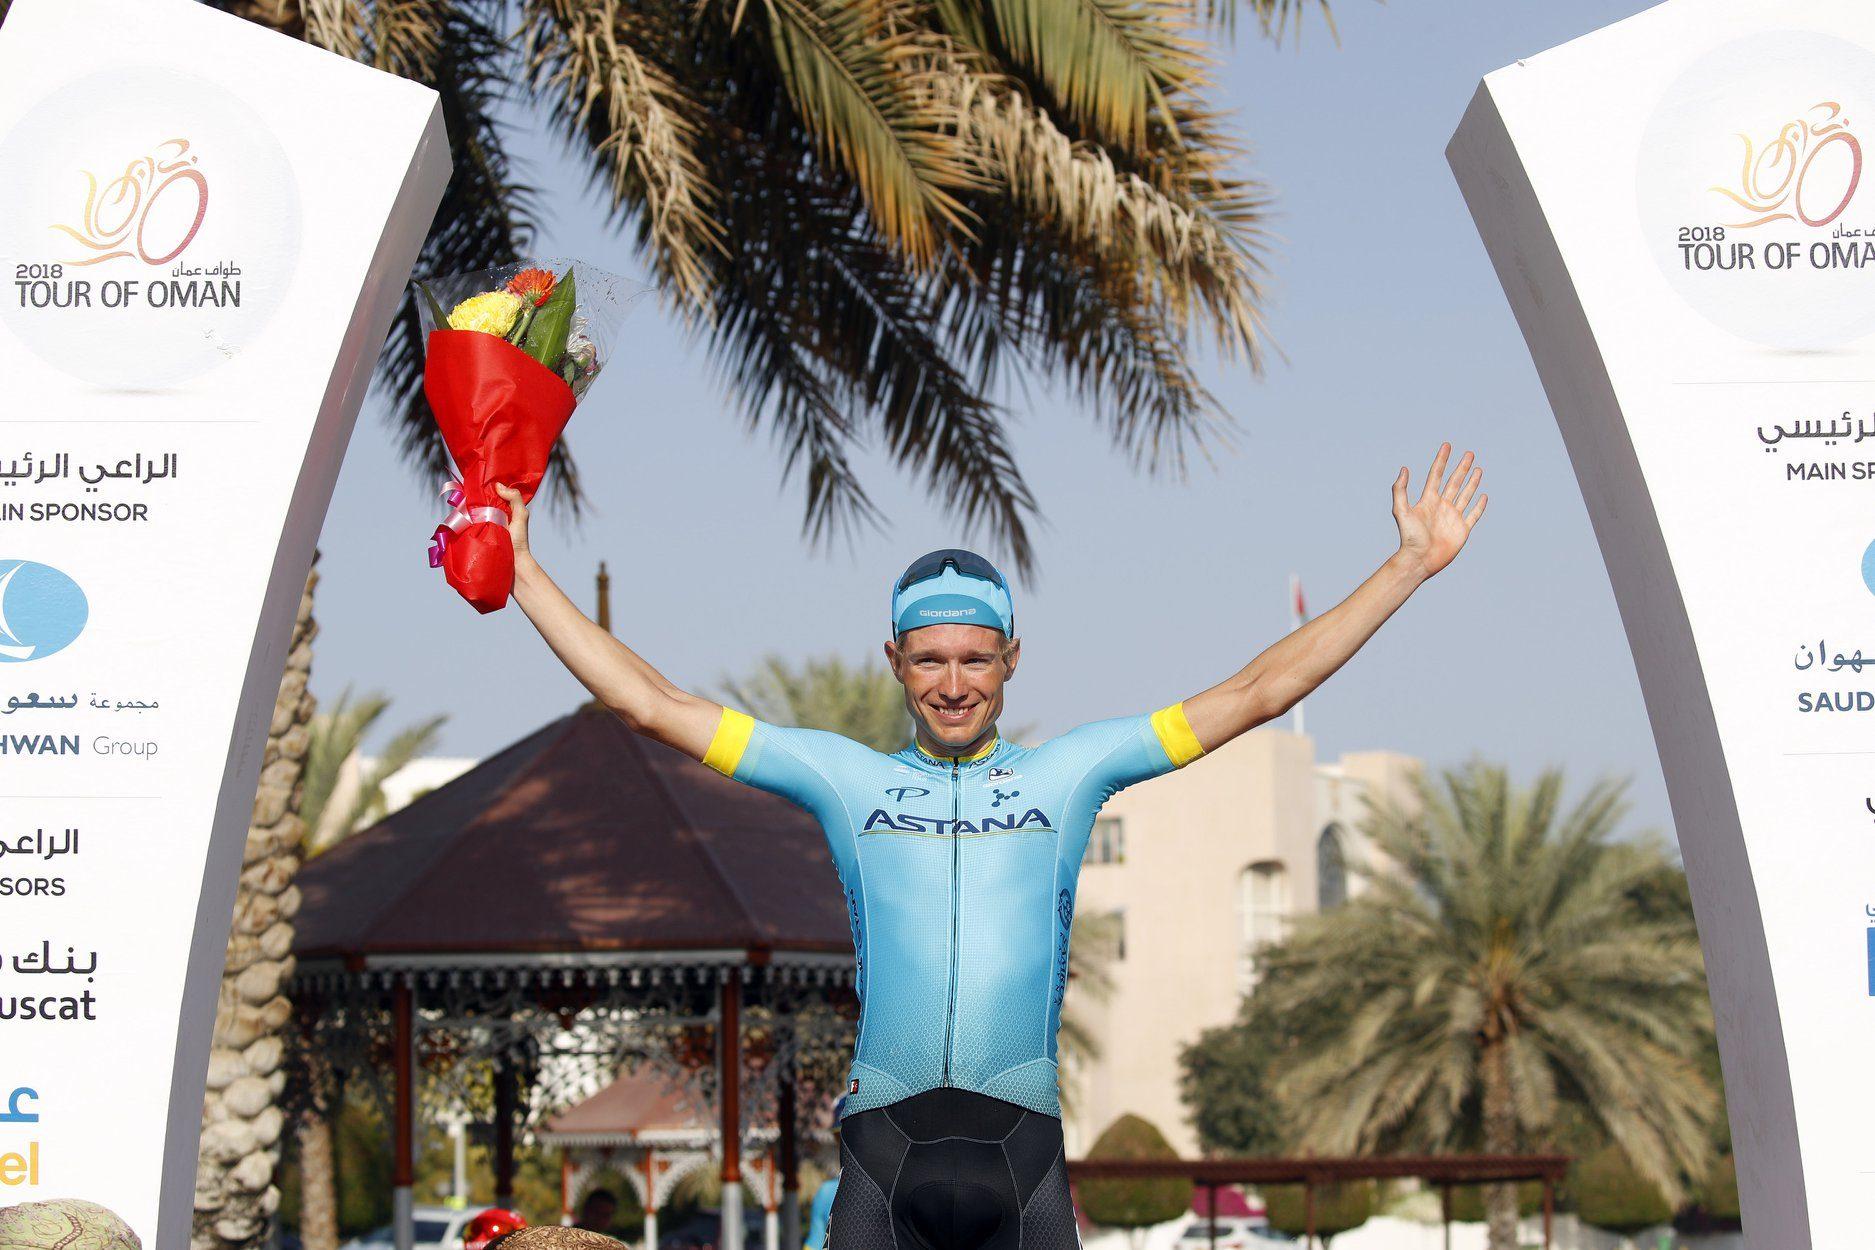 Магнус Корт Нильсен выиграл четвёртый этап «Тура Омана»